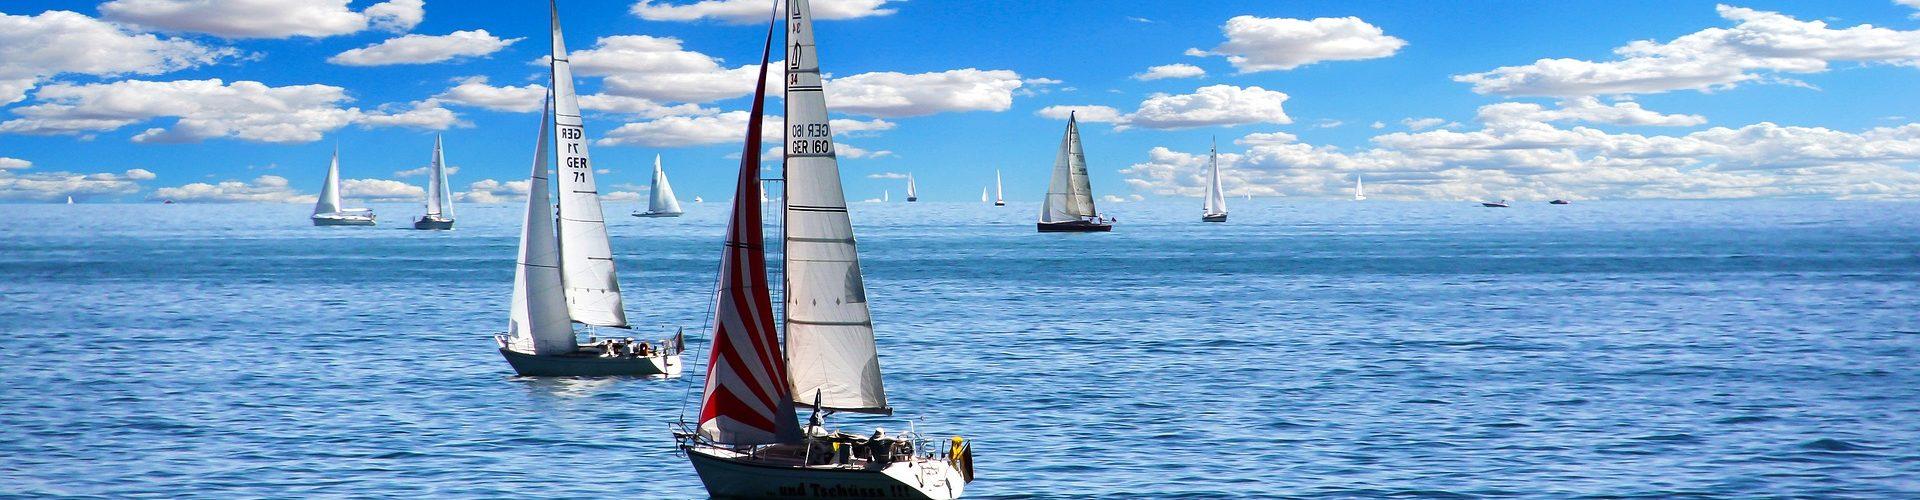 segeln lernen in Friedrichskoog segelschein machen in Friedrichskoog 1920x500 - Segeln lernen in Friedrichskoog